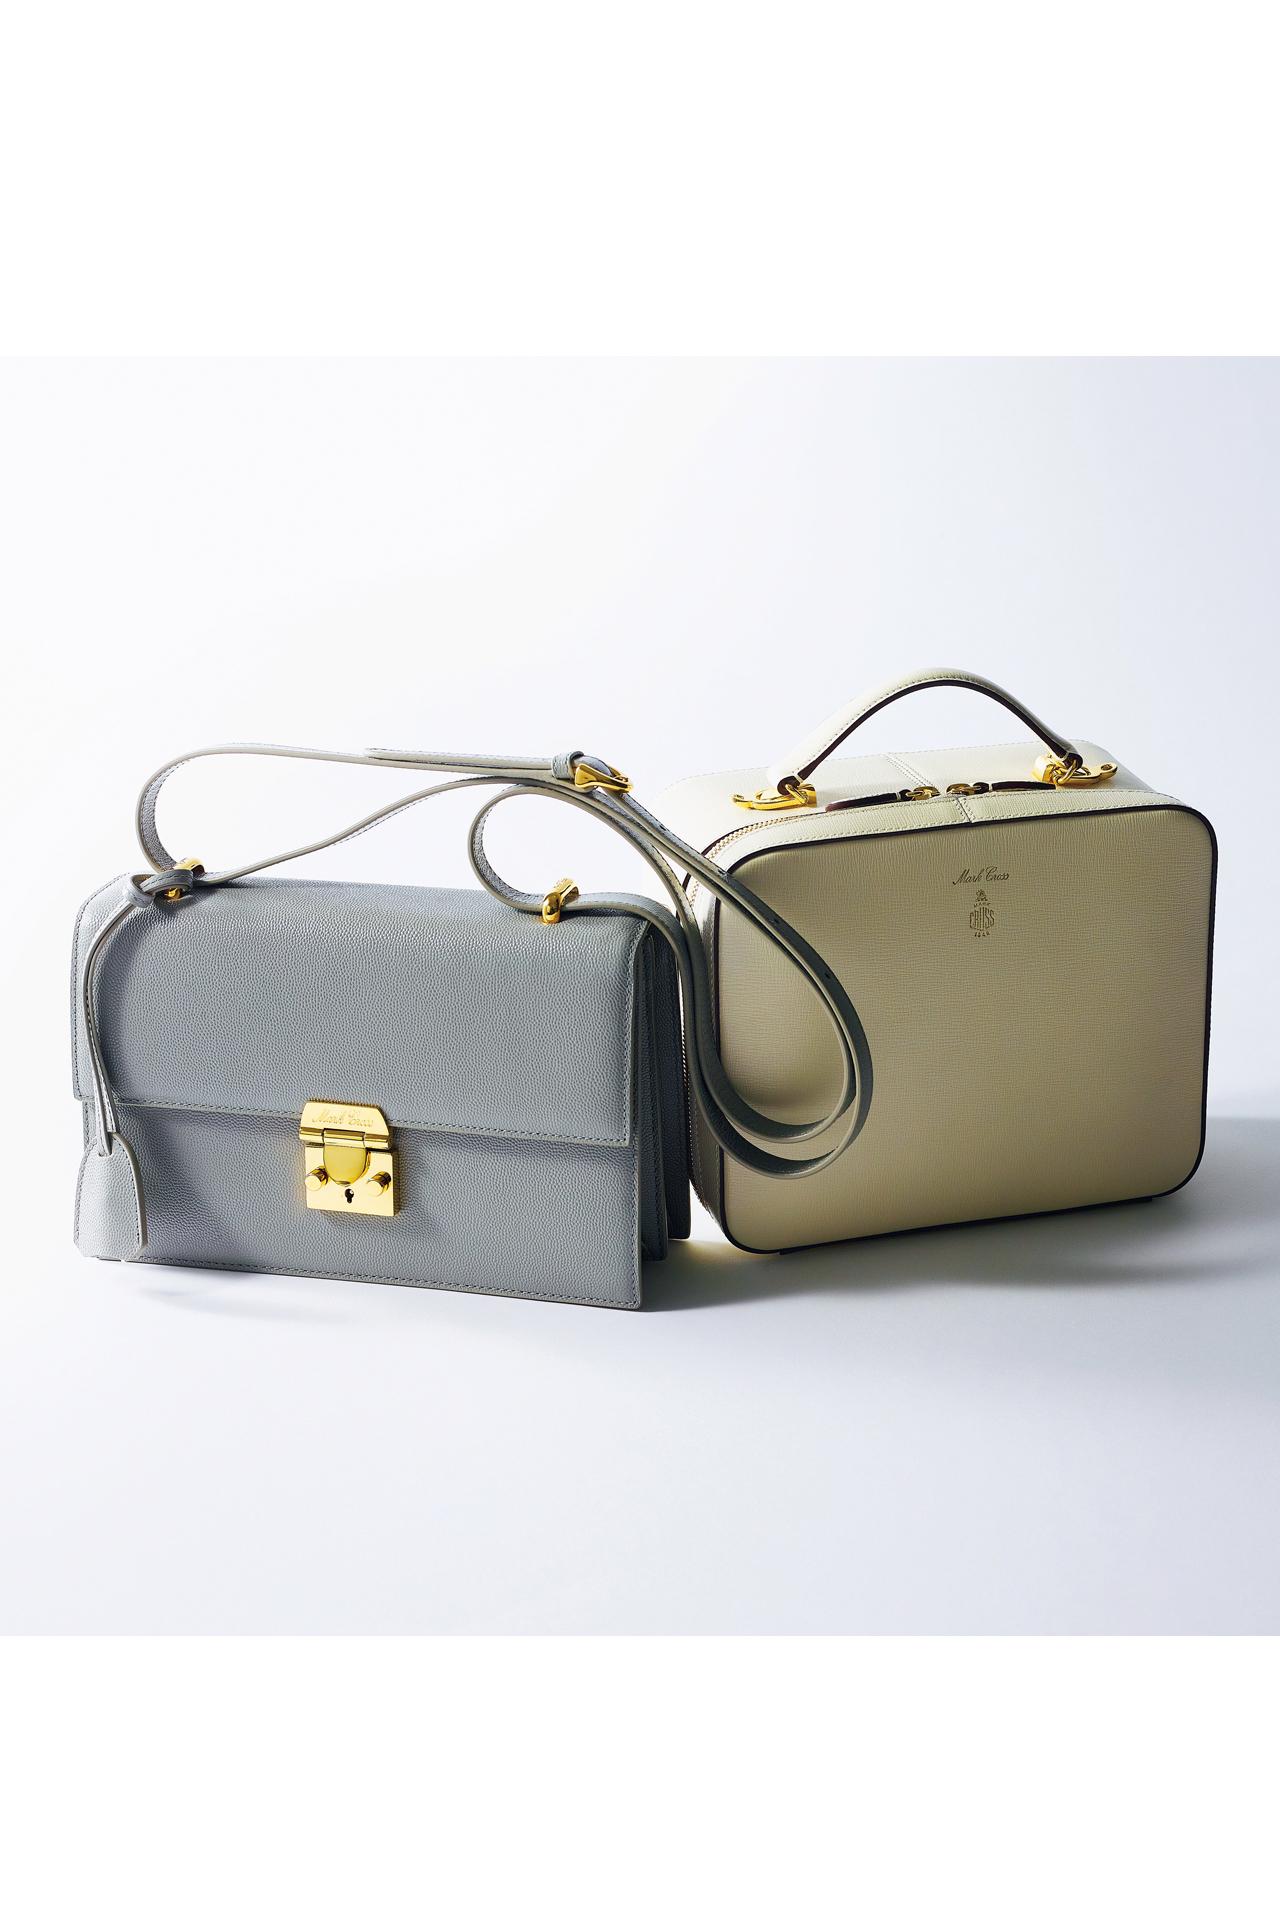 バッグは「きれいめ」、靴はフラットで「ハズす」 TOKYOベーシックスタイル_1_1-3